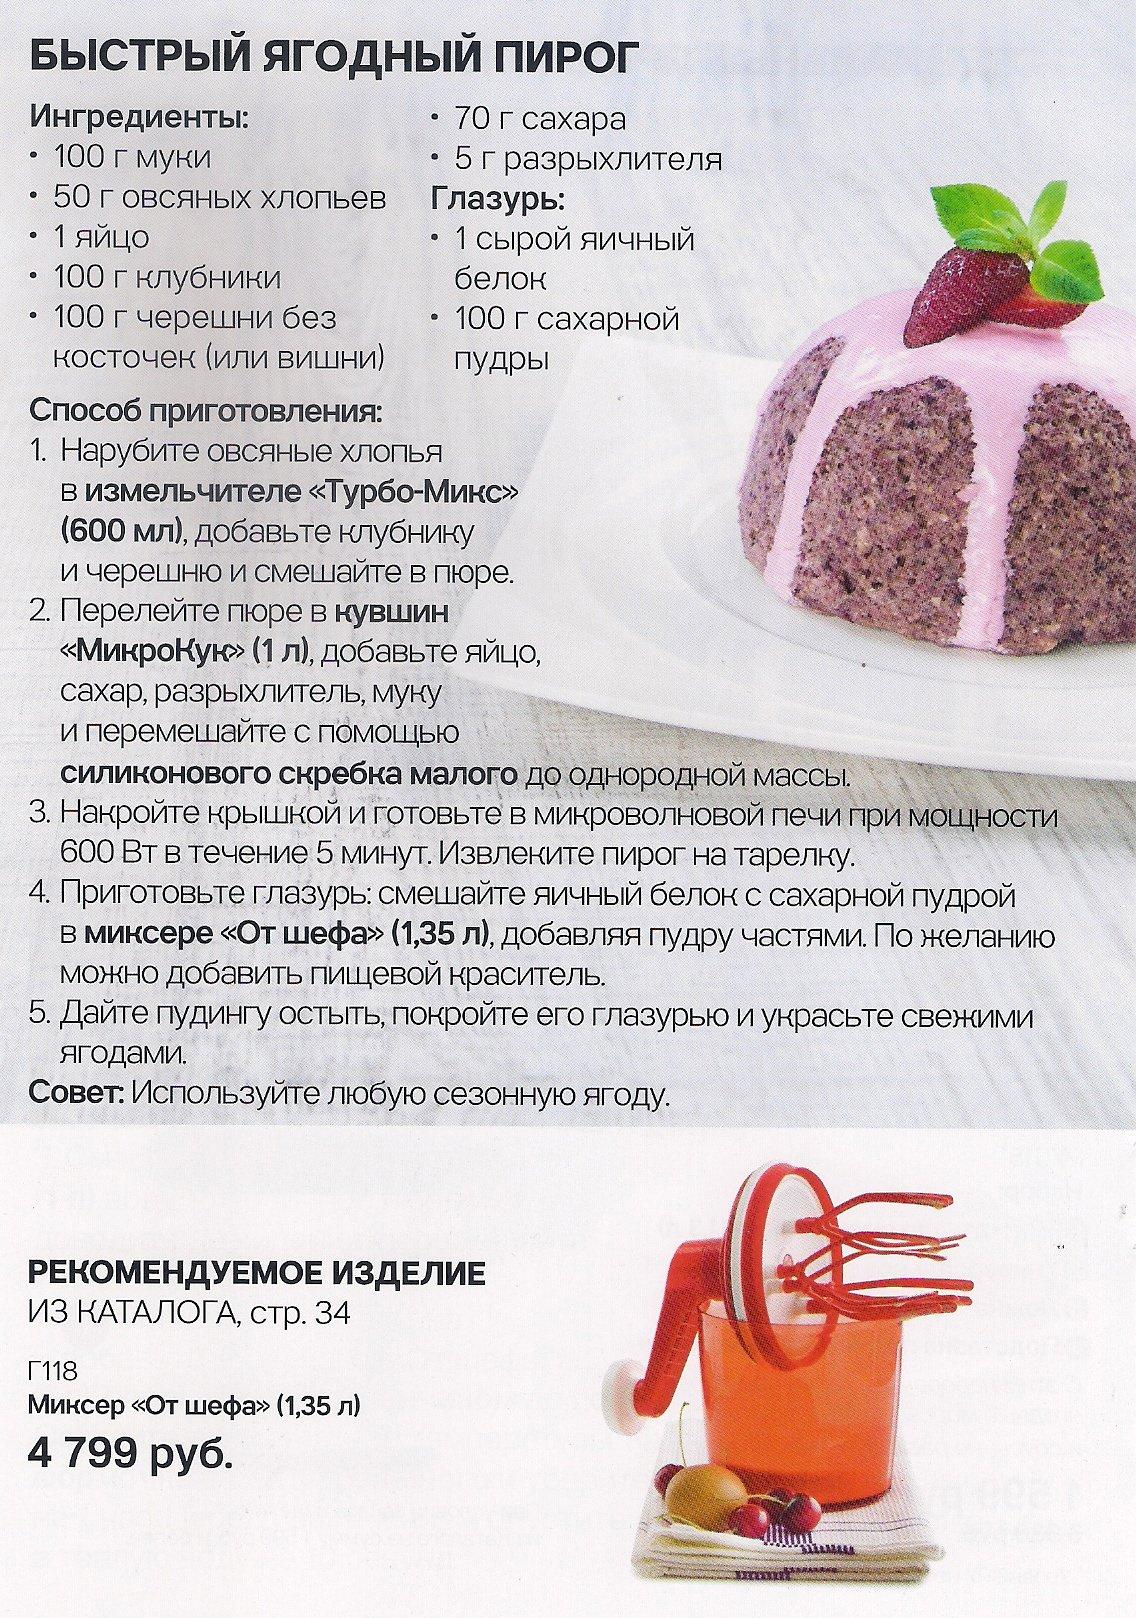 https://tupperware-online.ru/images/upload/s6.jpg